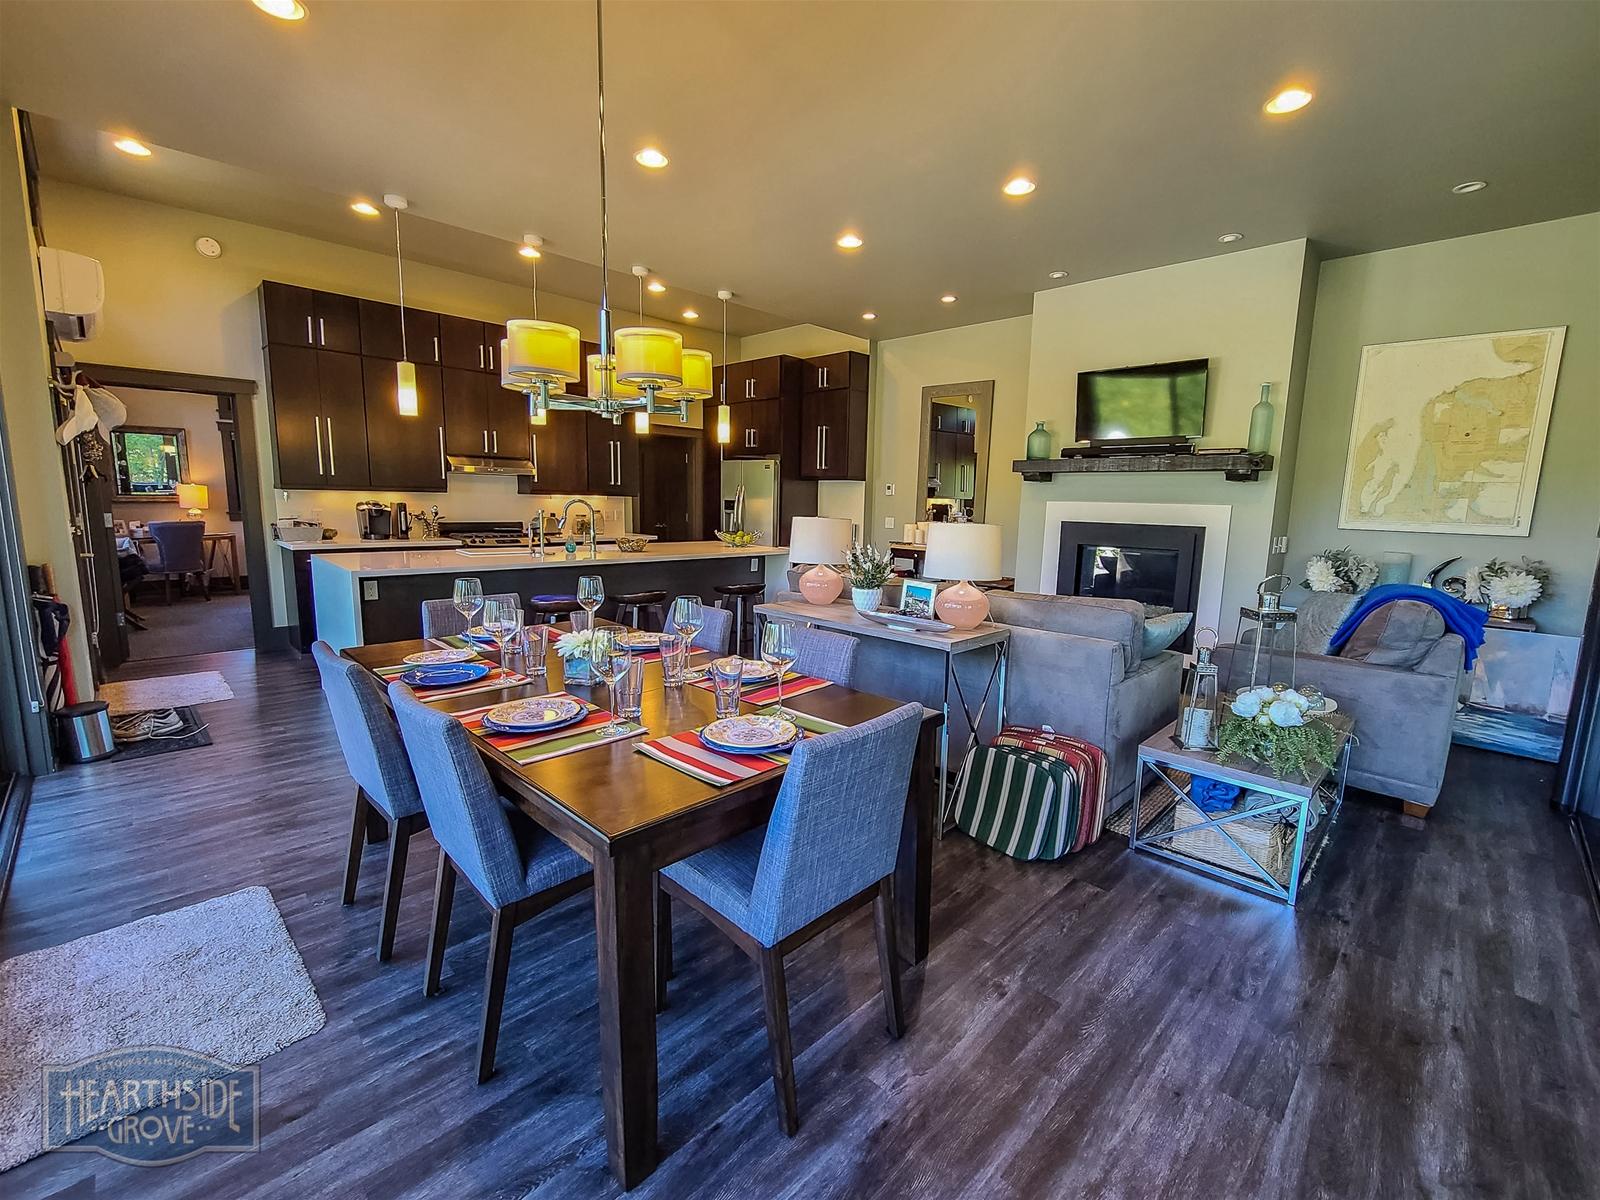 Hearthside Grove Luxury Motorcoach Resort Lot 165